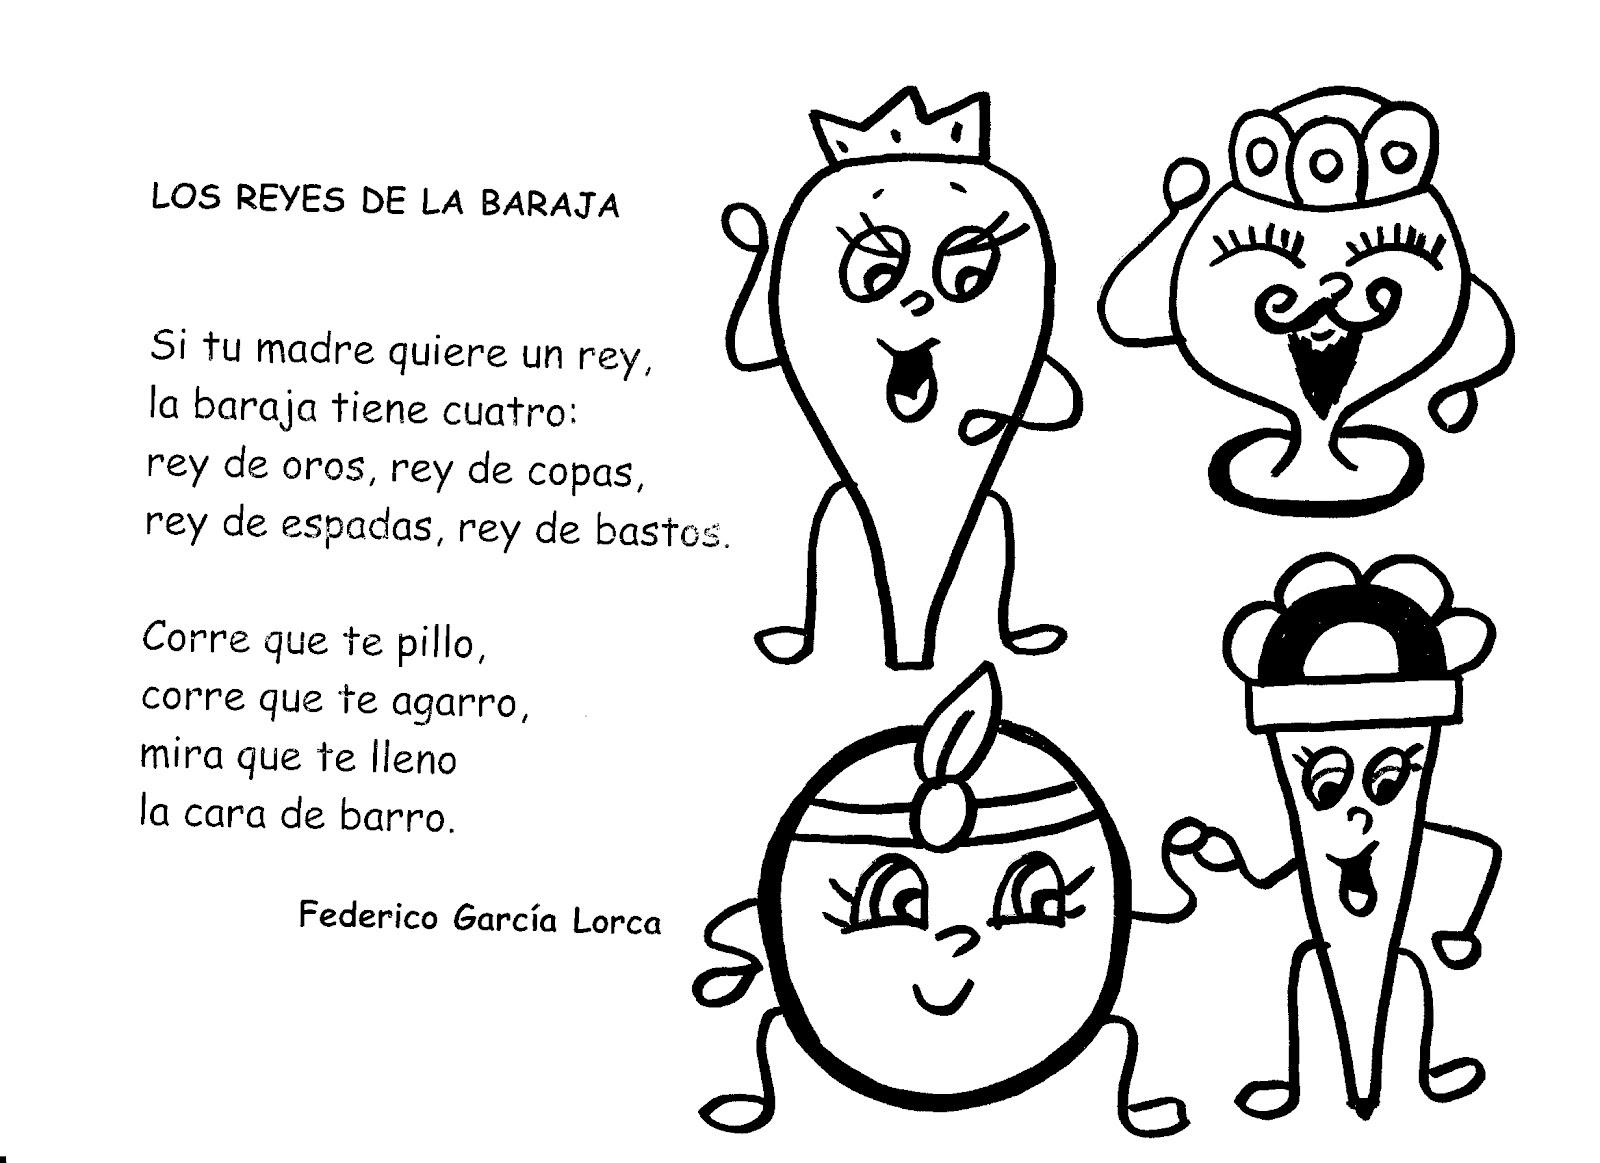 La Mejor Poesia A La Bandera Del Peru | apexwallpapers.com